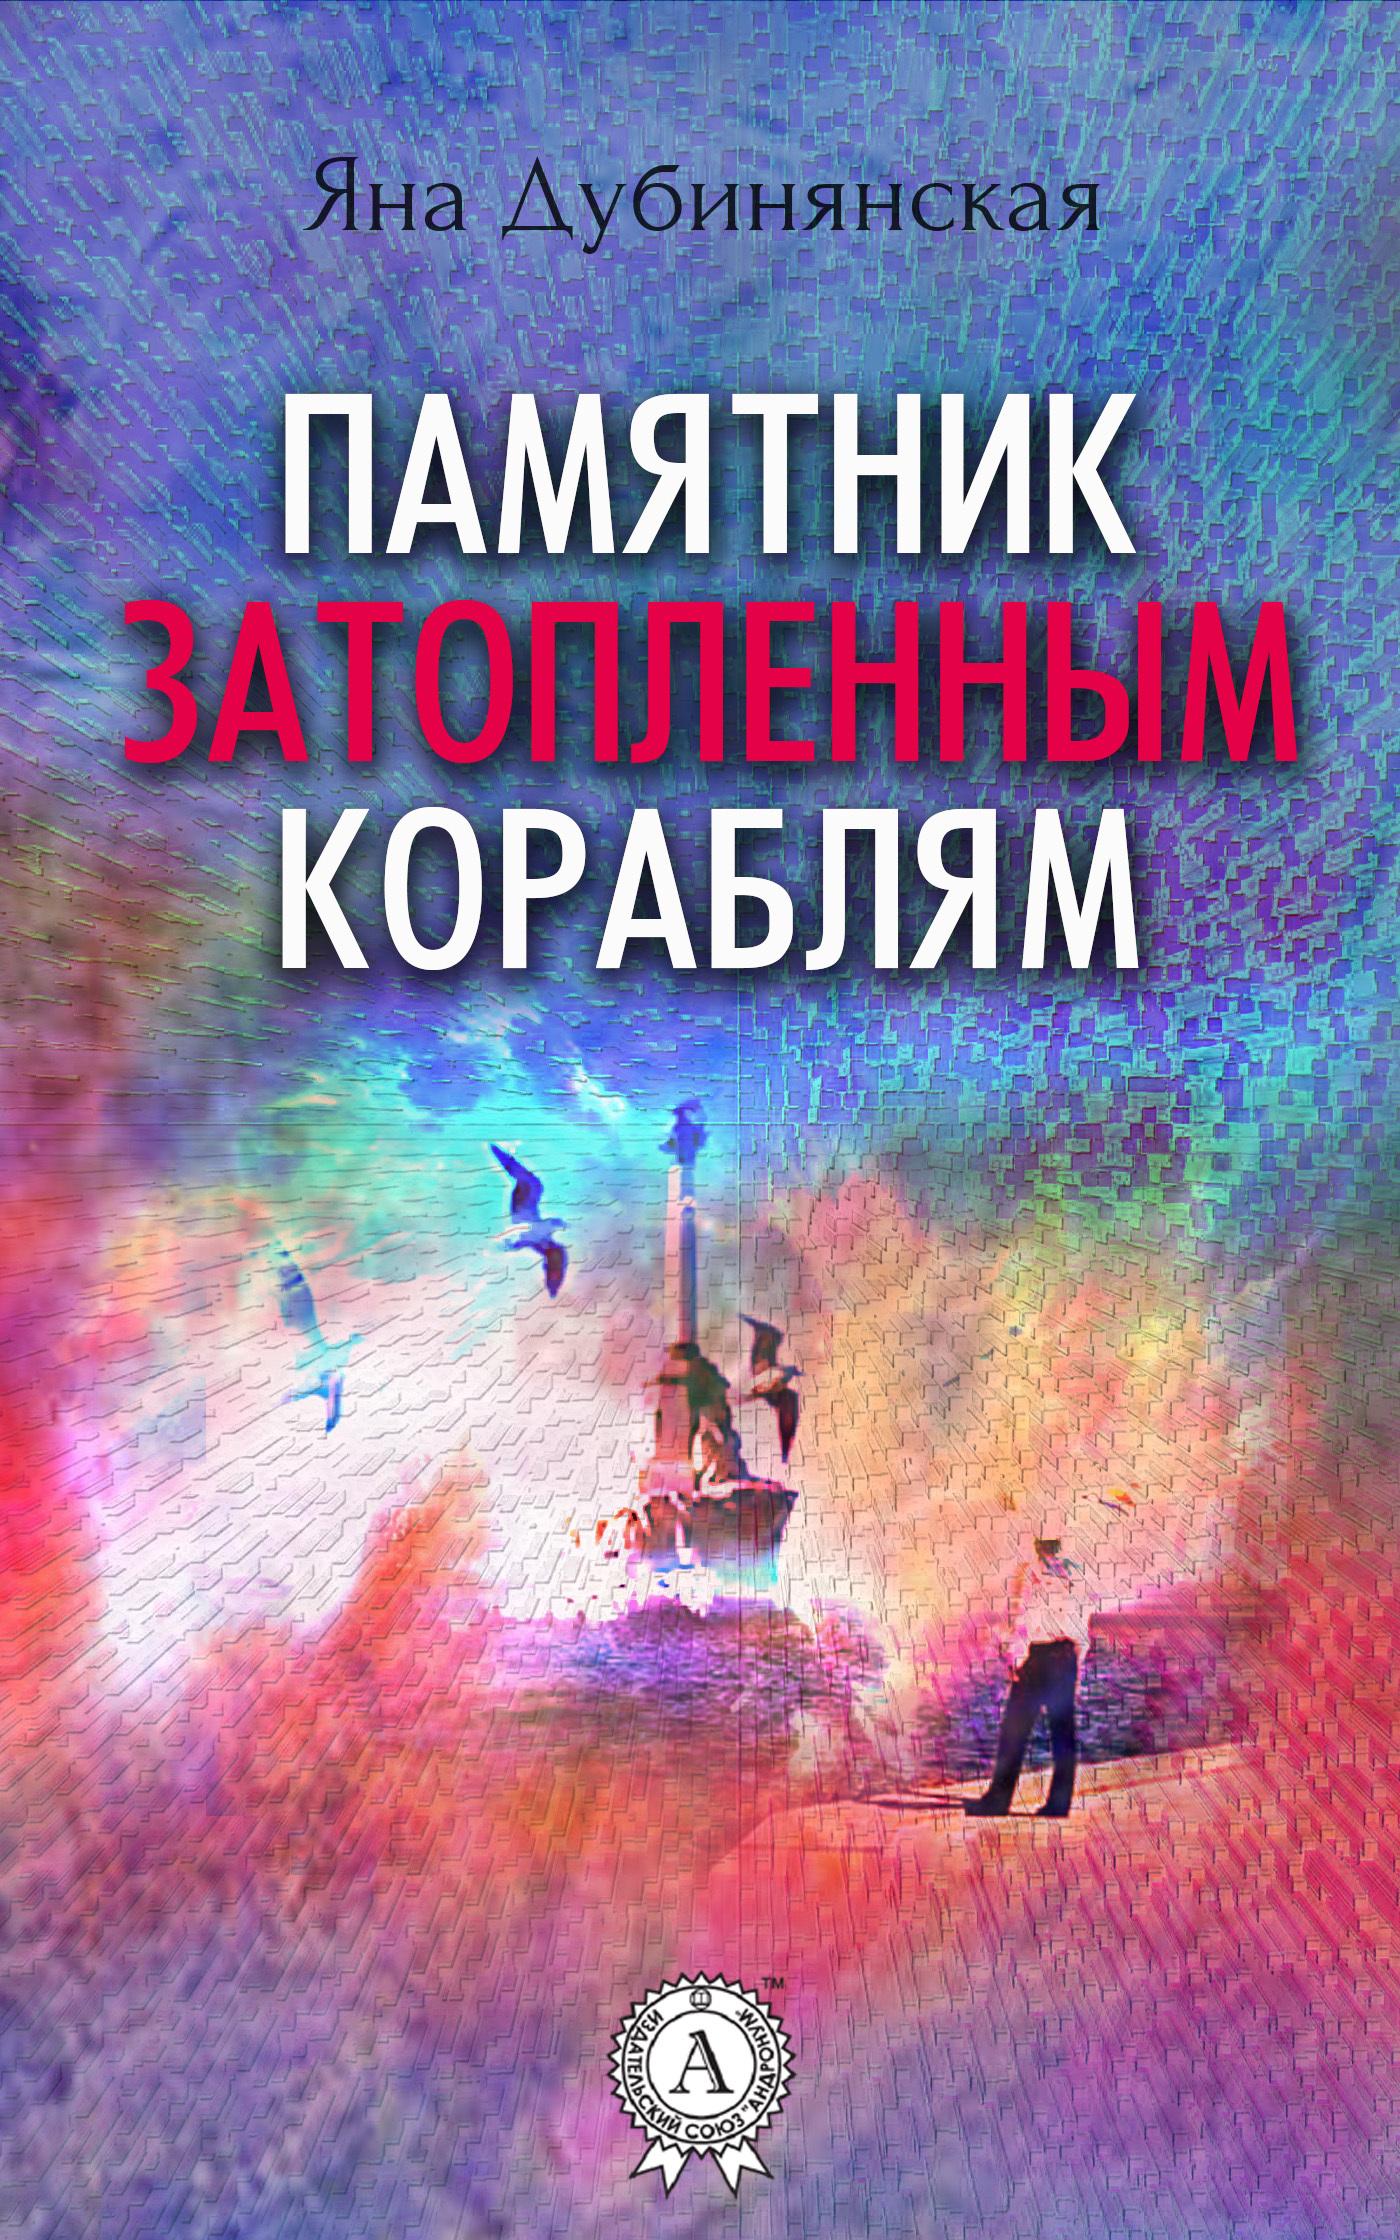 Яна Дубинянская Памятник затопленным кораблям. (Сборник рассказов)